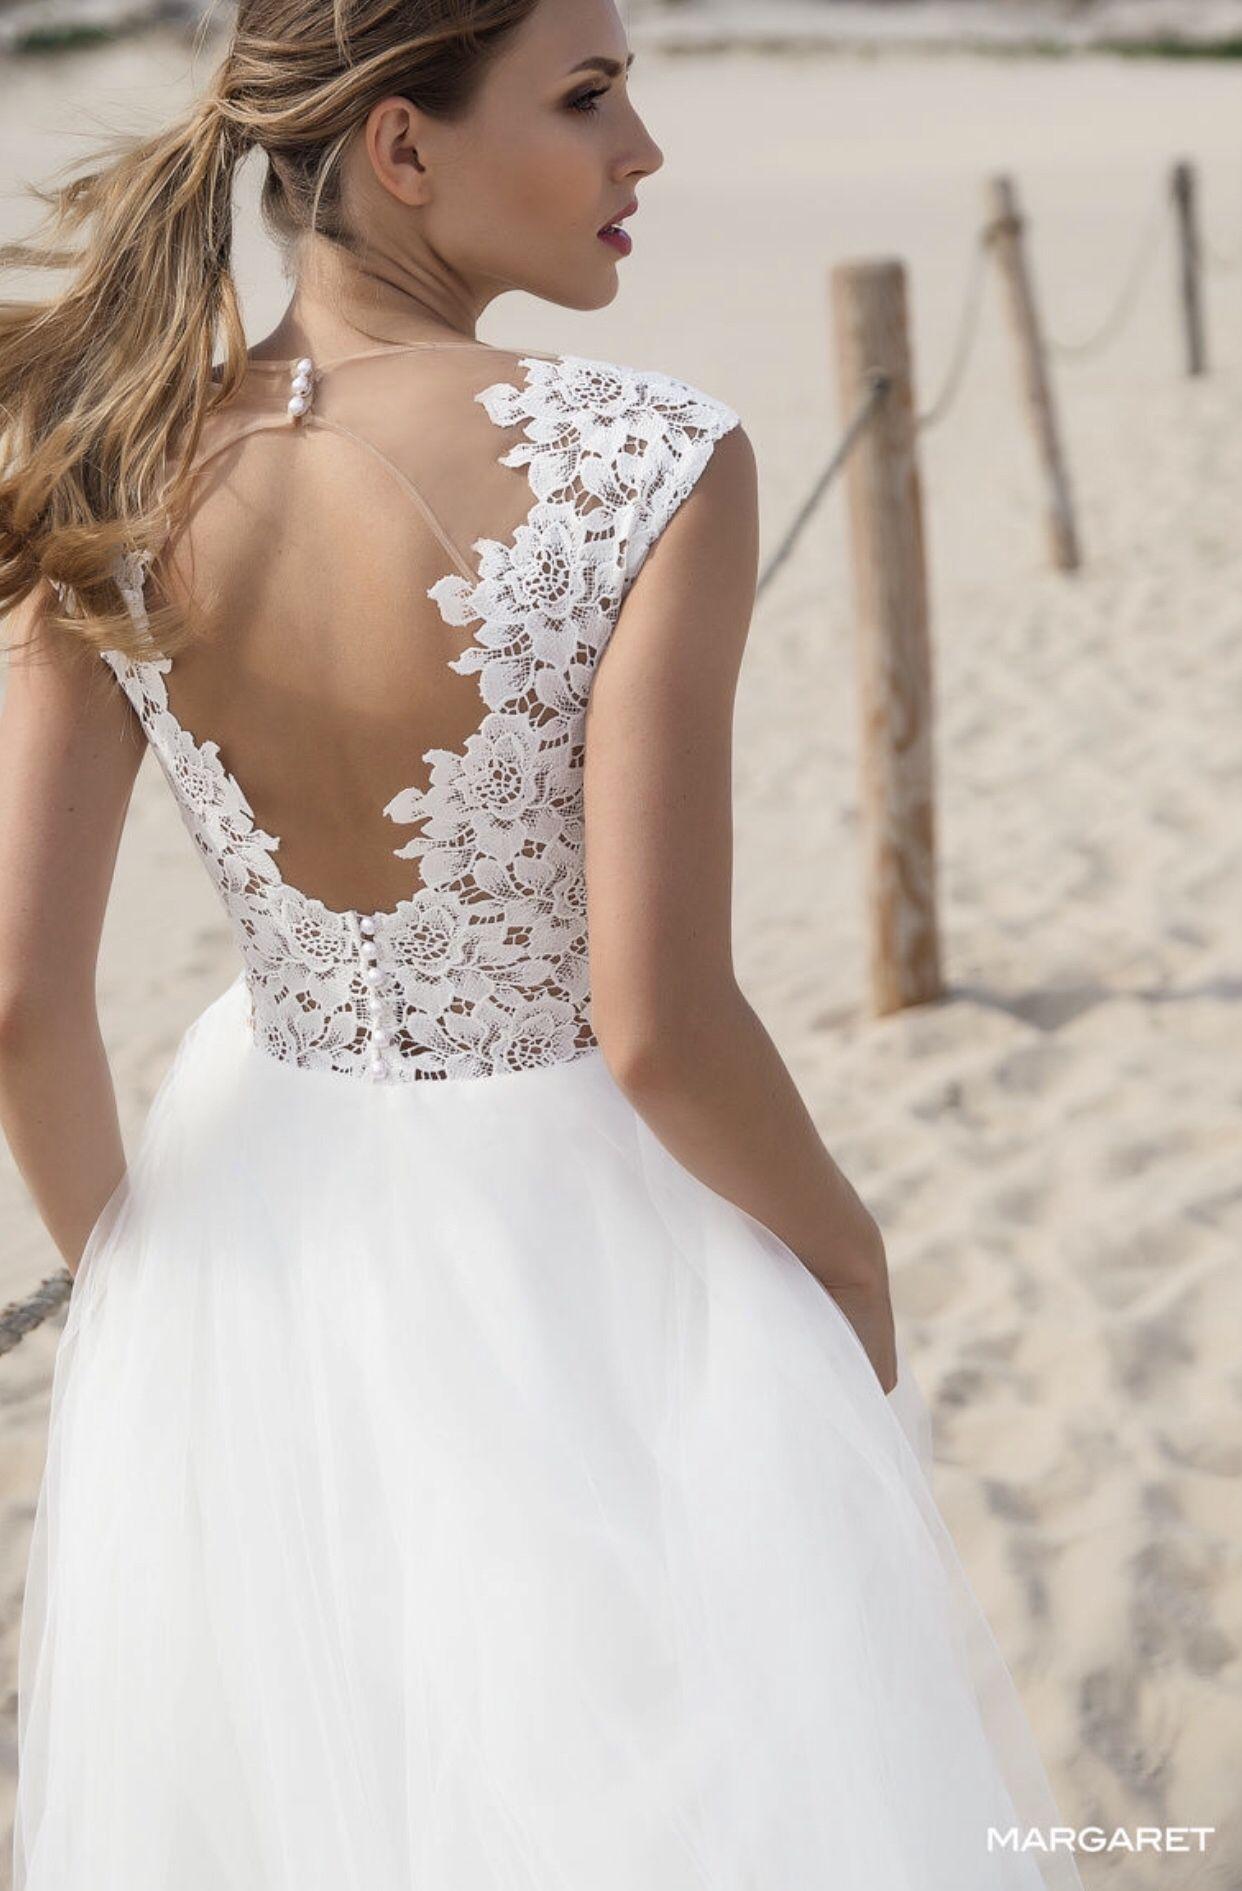 Le Rina - Brautkleid Margaret - Hochzeitskleid  Braut